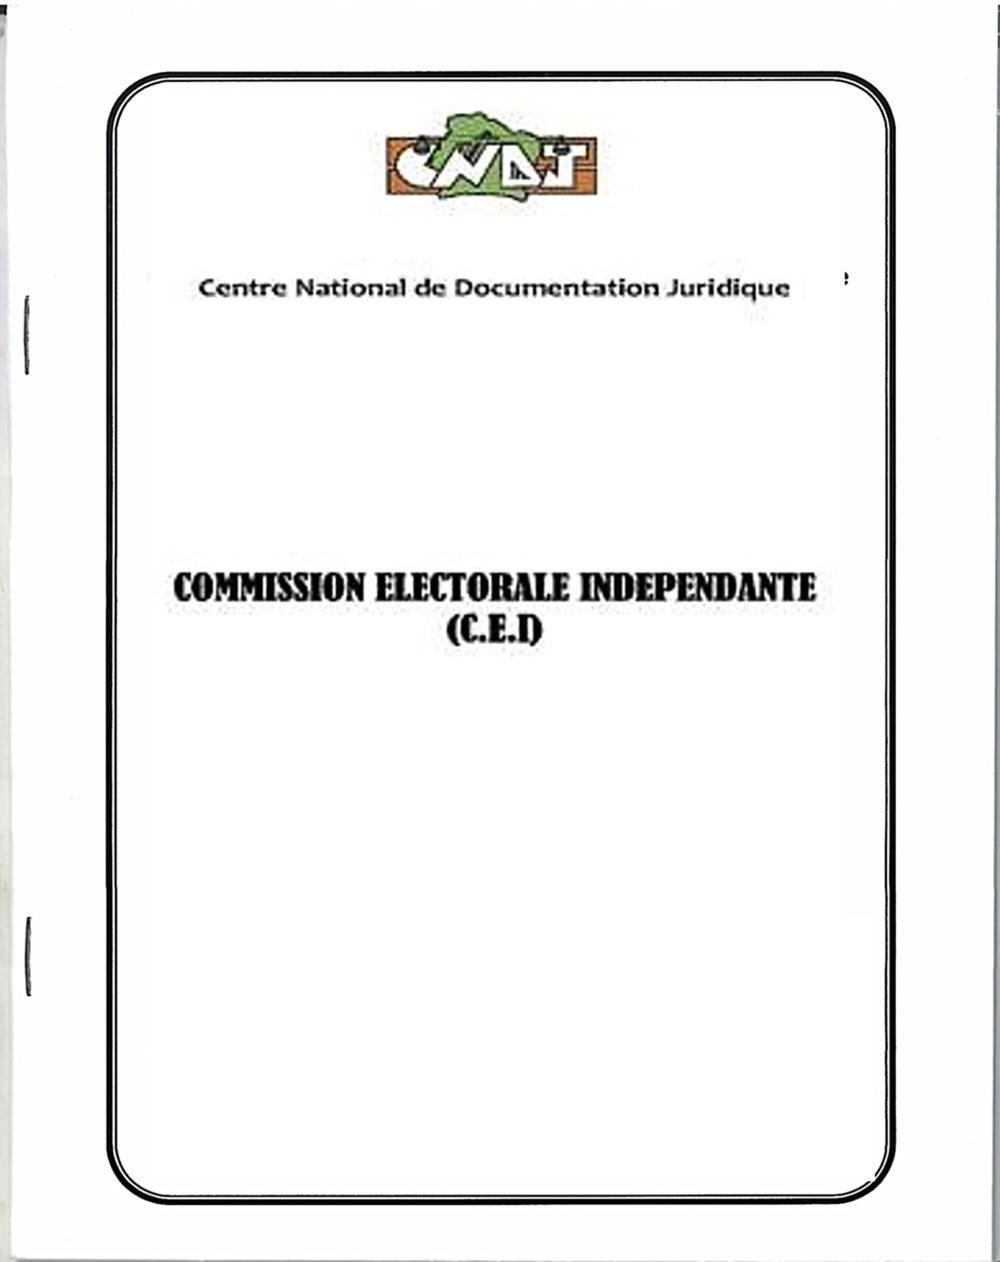 Commission Électorale Indépendante